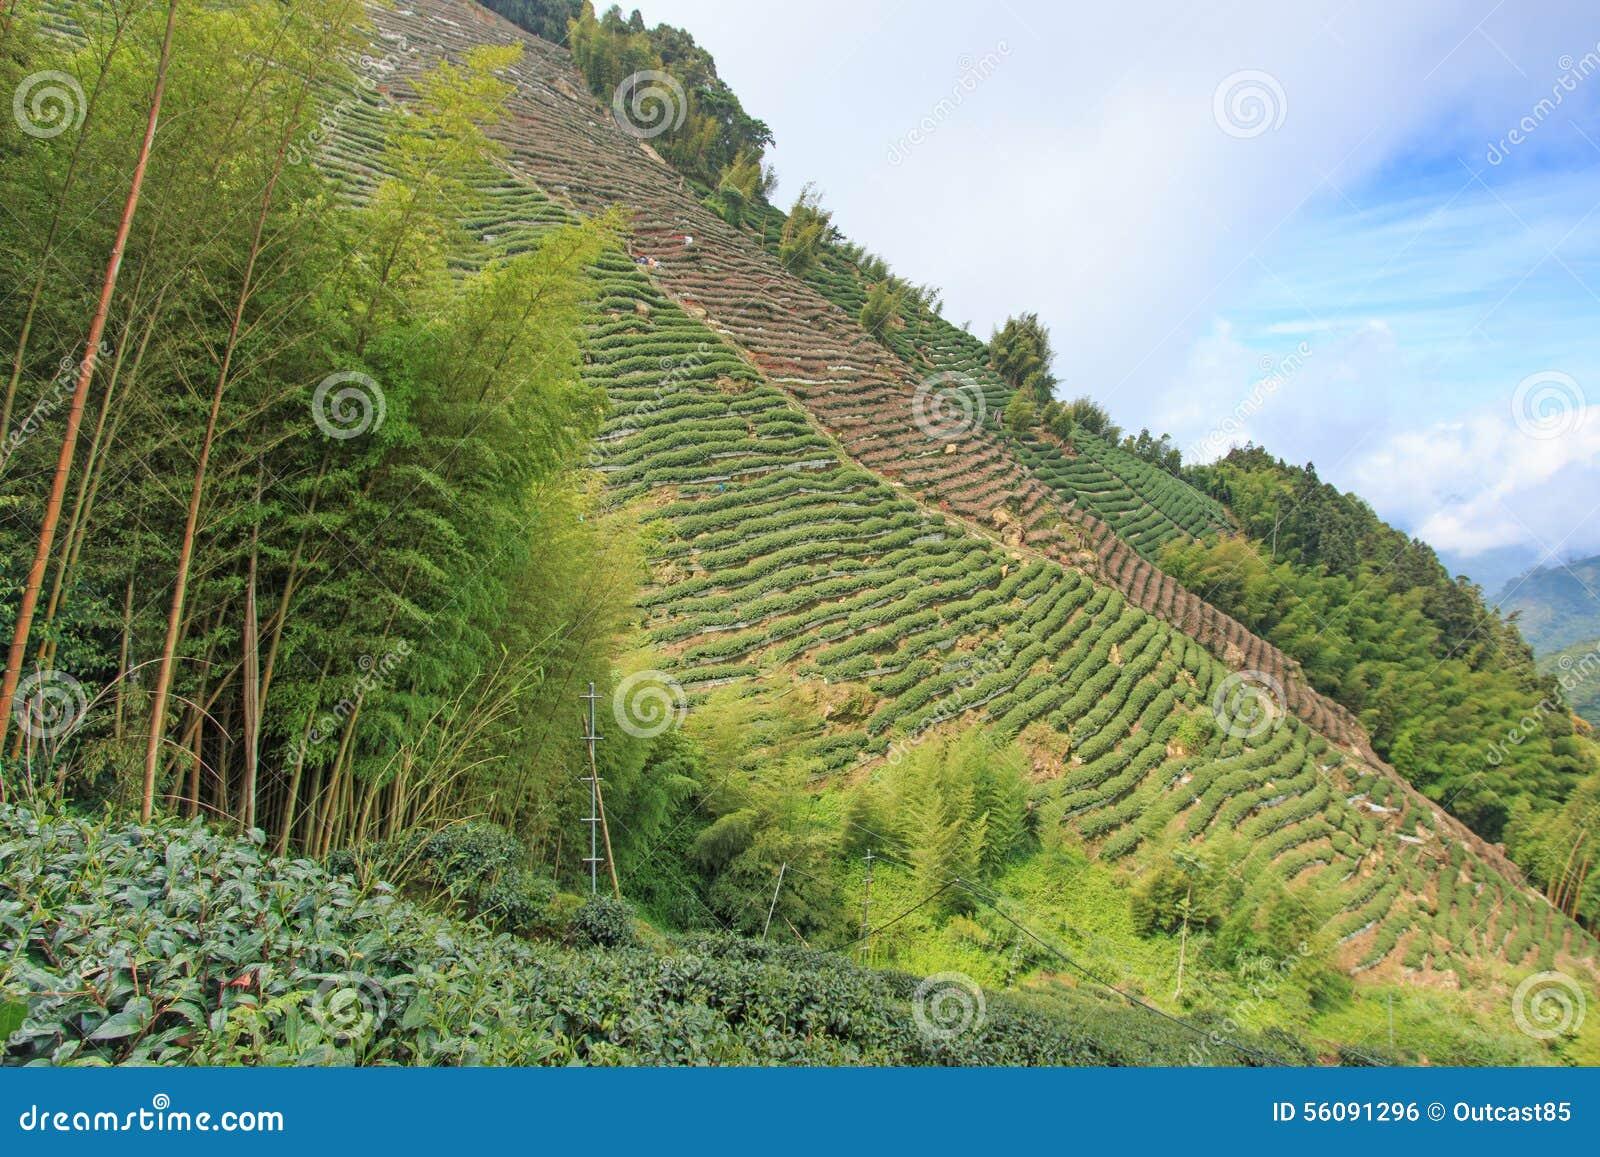 Oolong Tea plantation in Taiwan